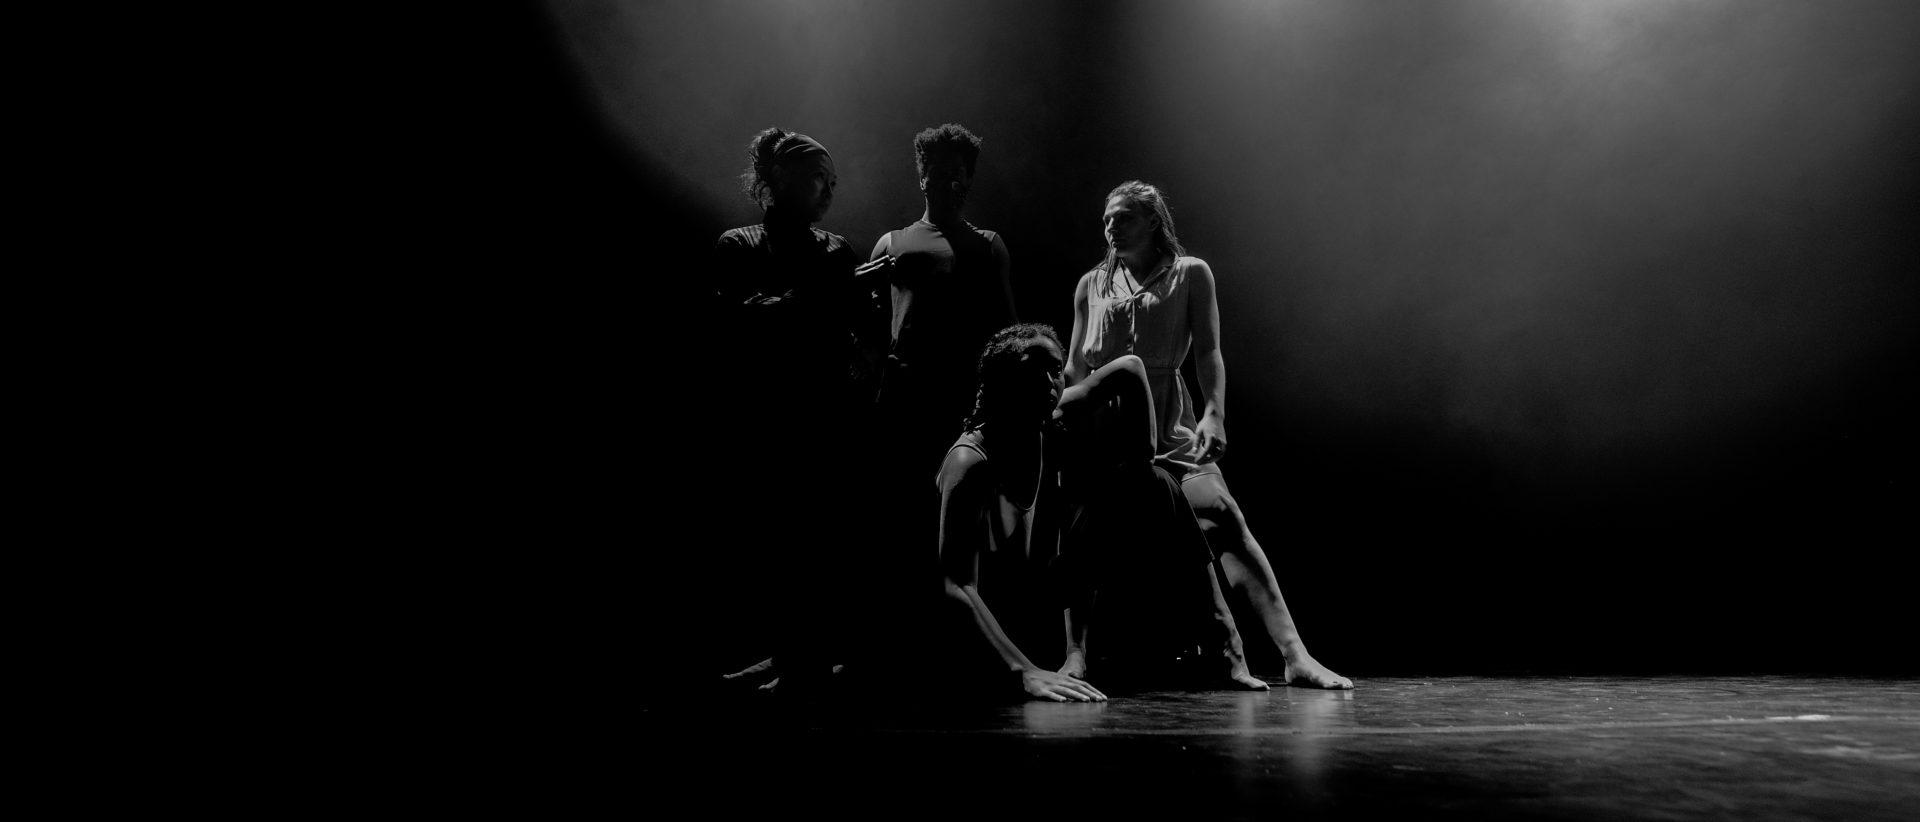 URBAN INTERFACE DANCE UK